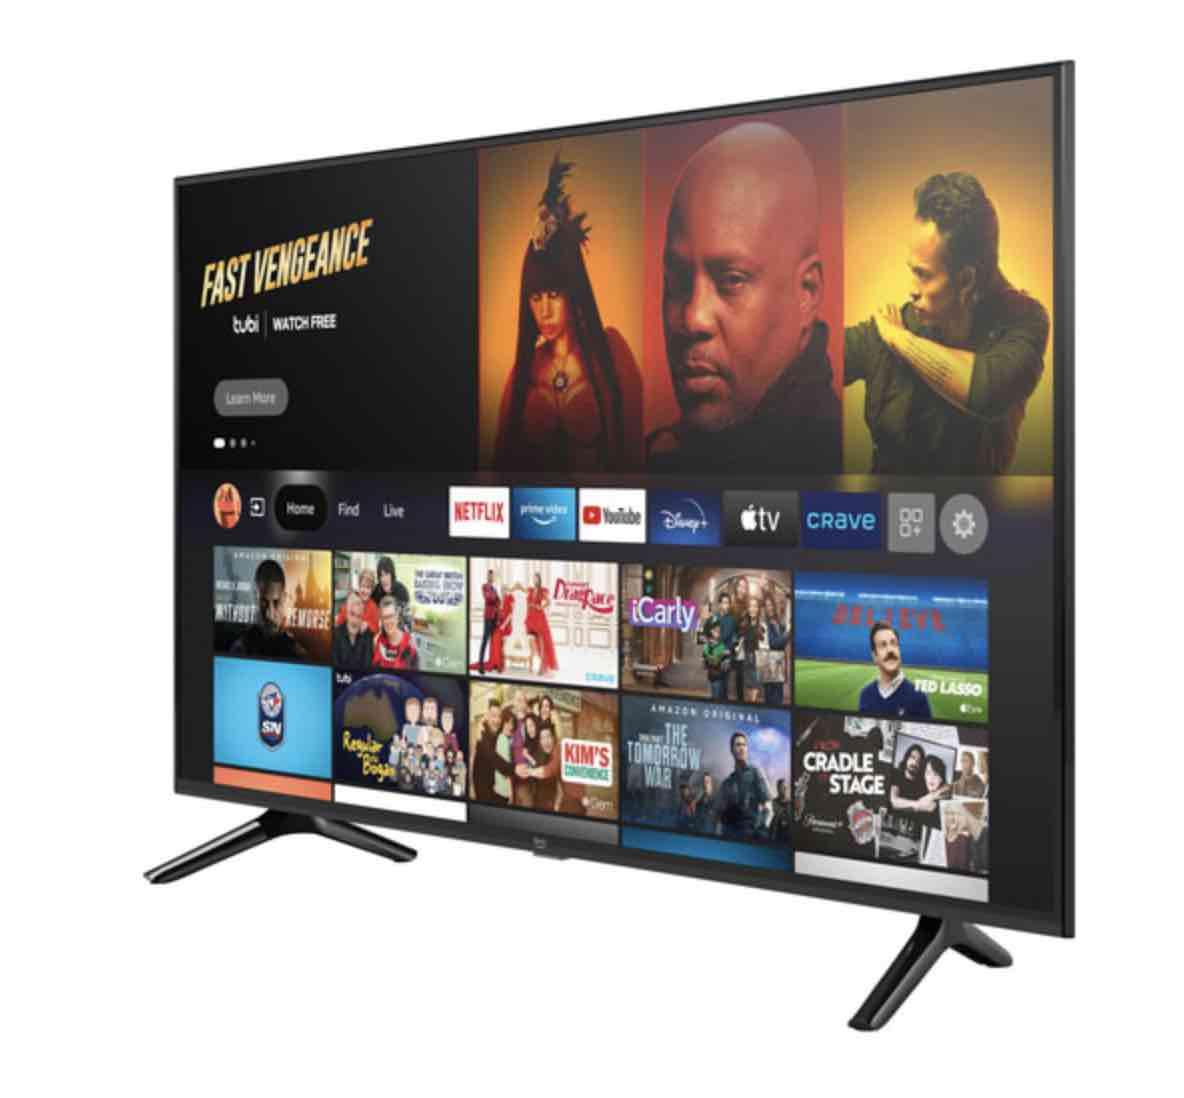 Amazon Fire TV 4K 4 Series